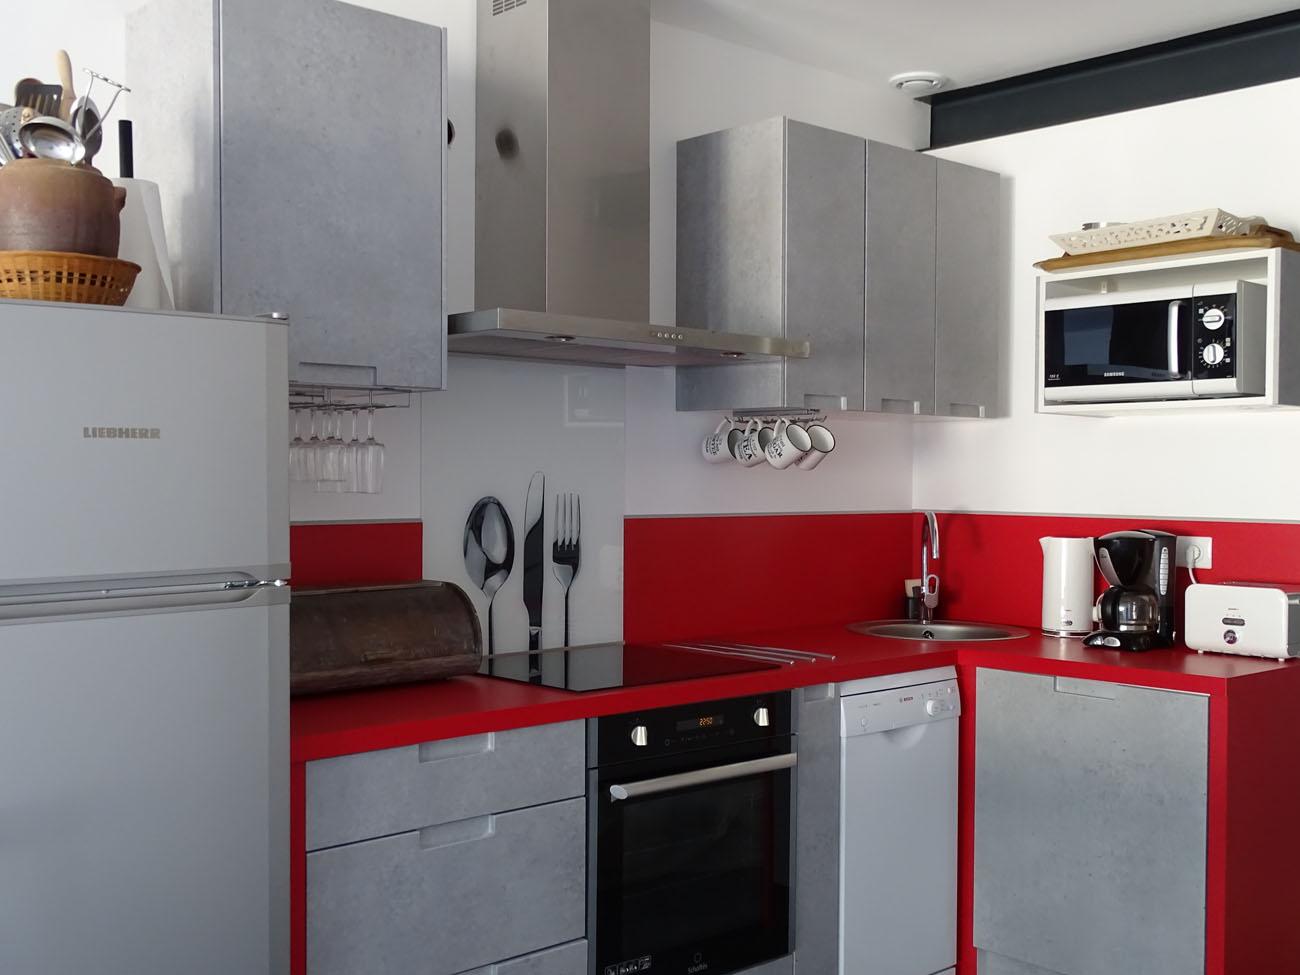 Location Appartement Ile de Ré - Bastingage - Cuisine